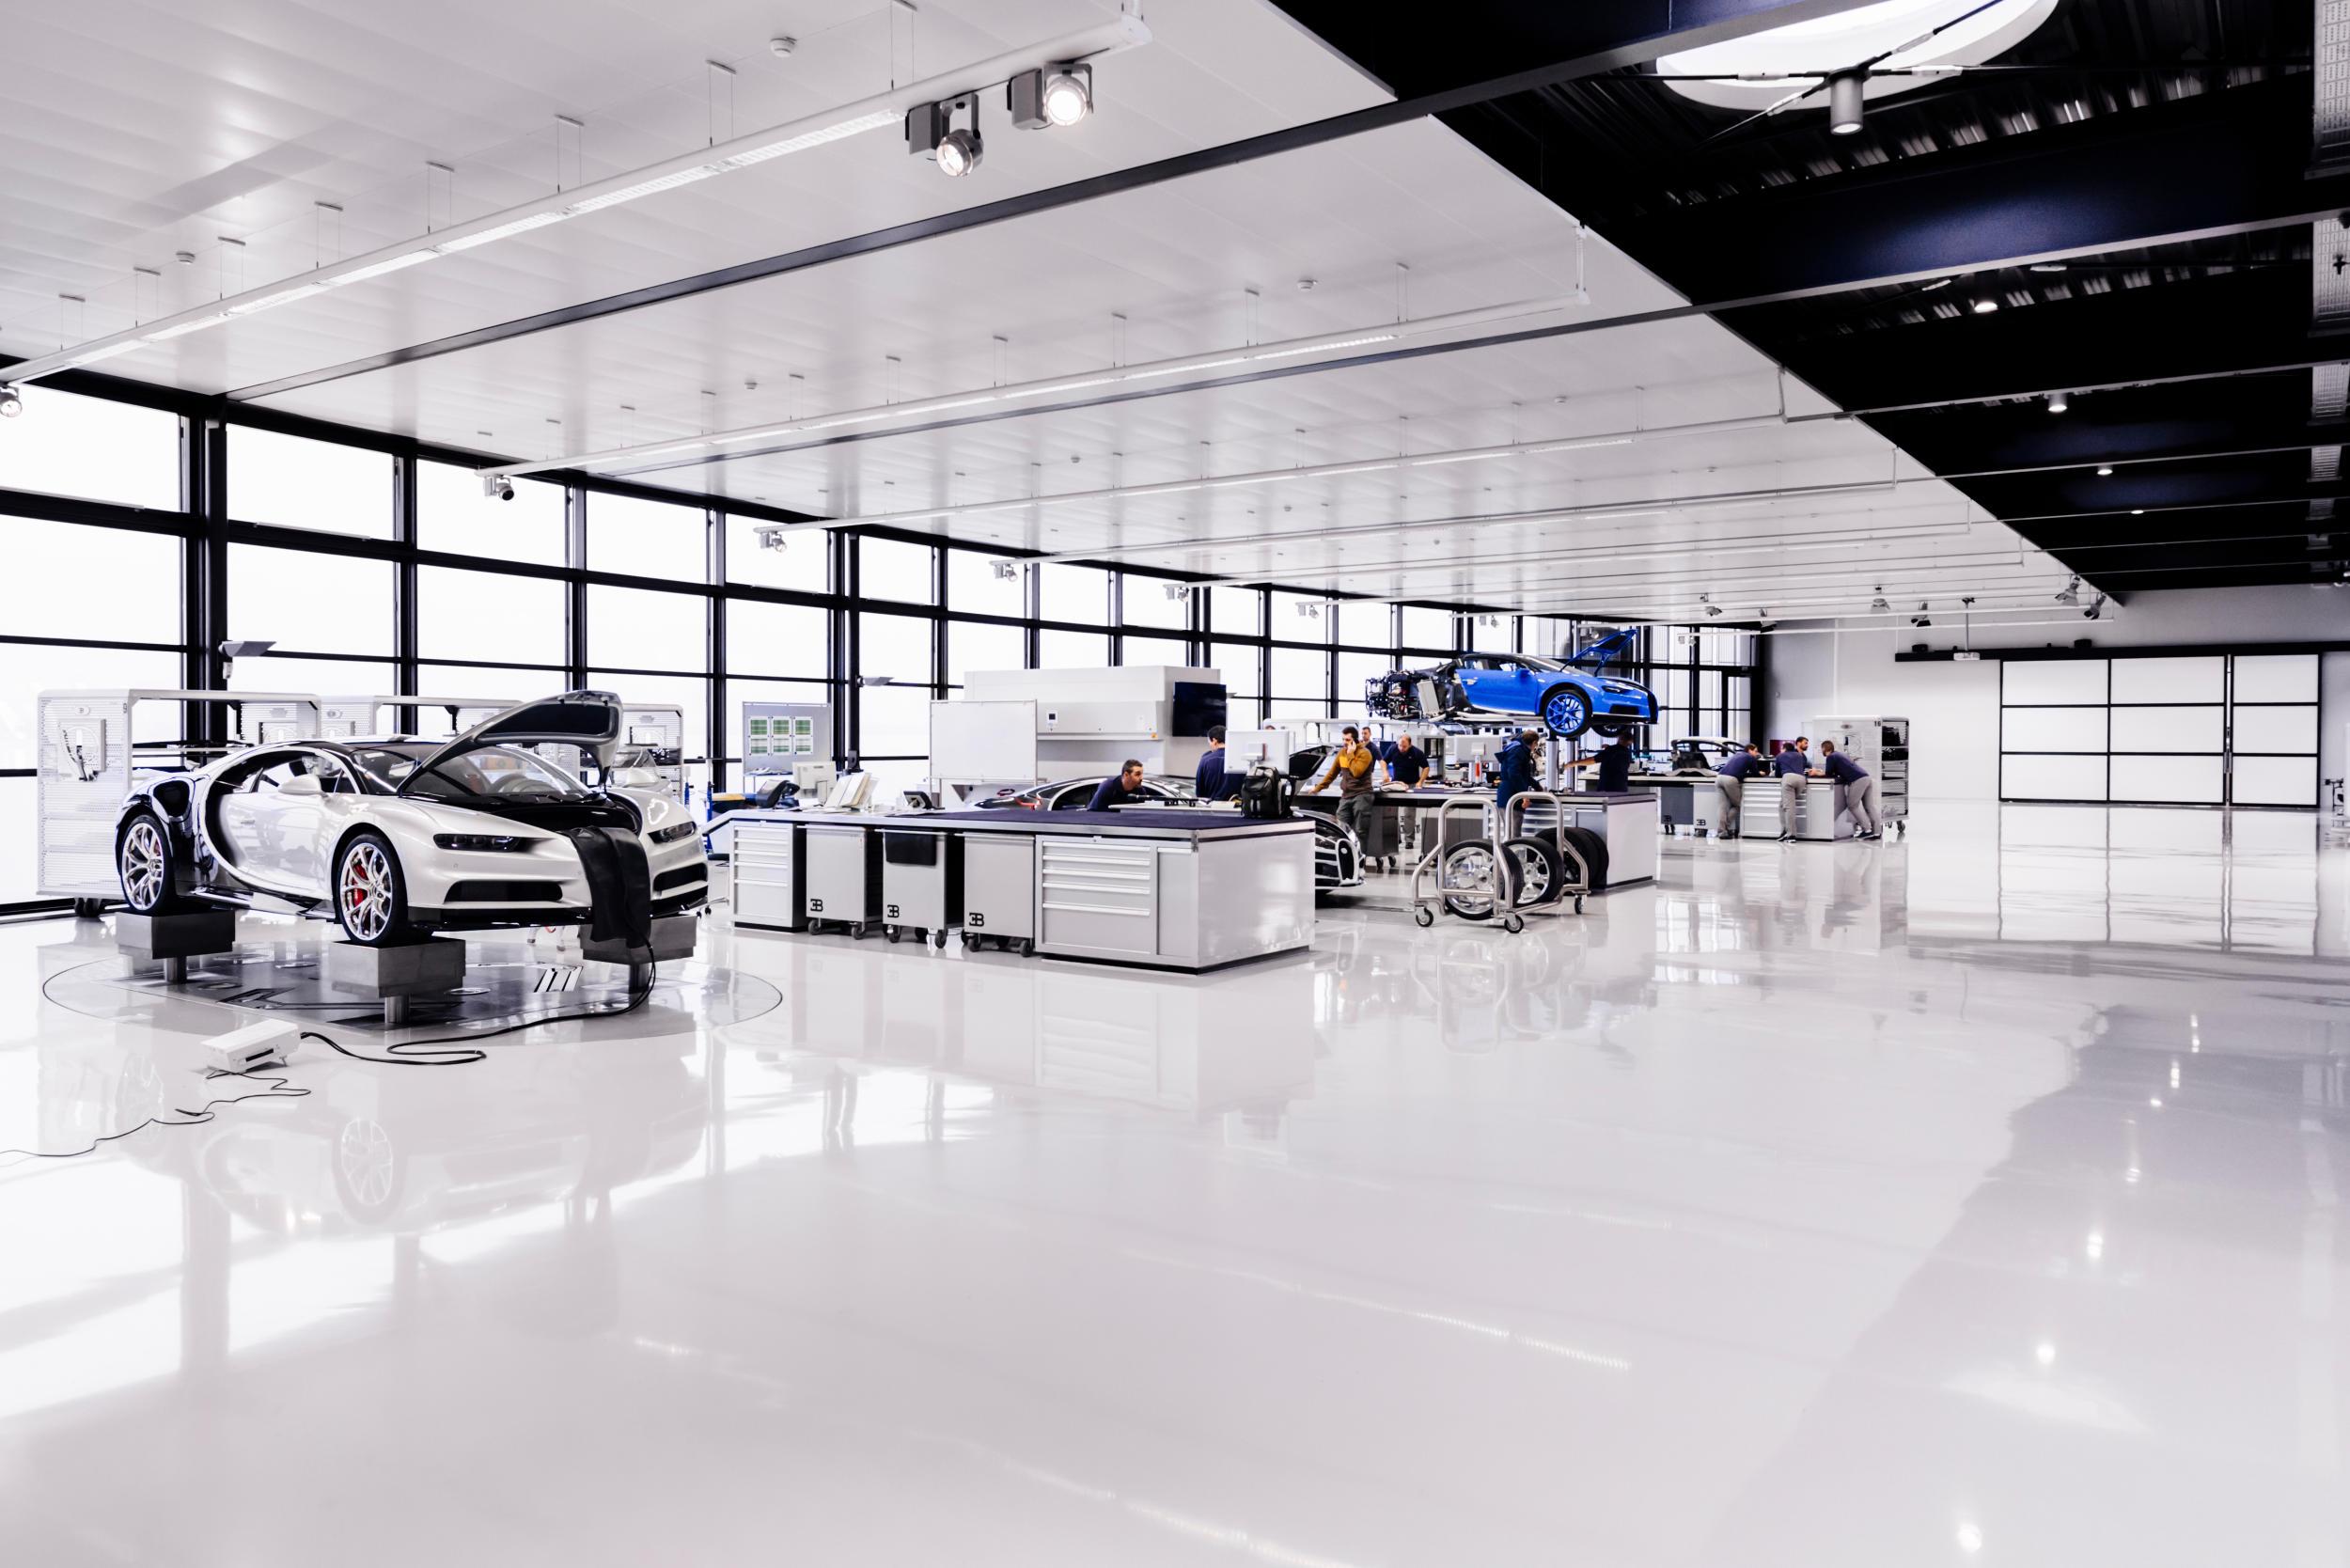 Bugatti chiron fabriek auto MAN MAN